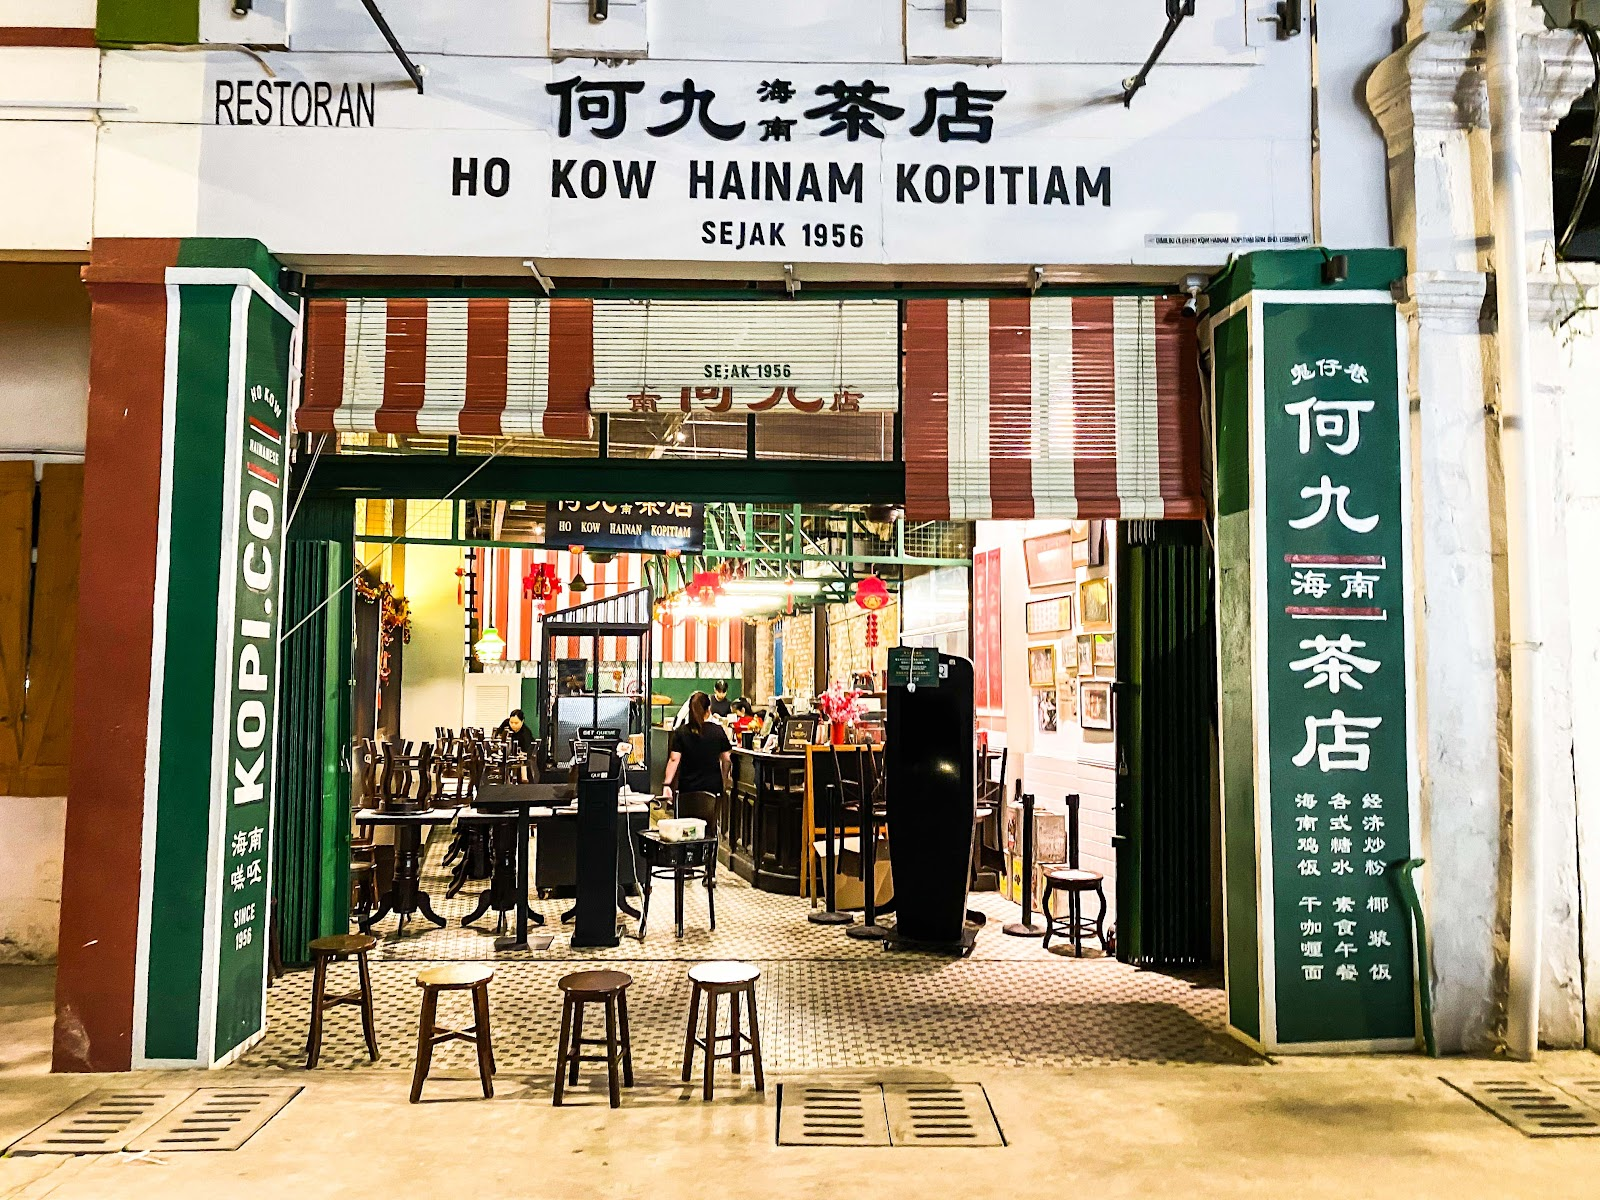 吉隆坡早餐推薦】何九海南茶店鄰近市區茨廠街,必吃半生熟蛋、椰醬飯、豬腸粉等在地大馬美食(附上何九菜單) | 三八旅客